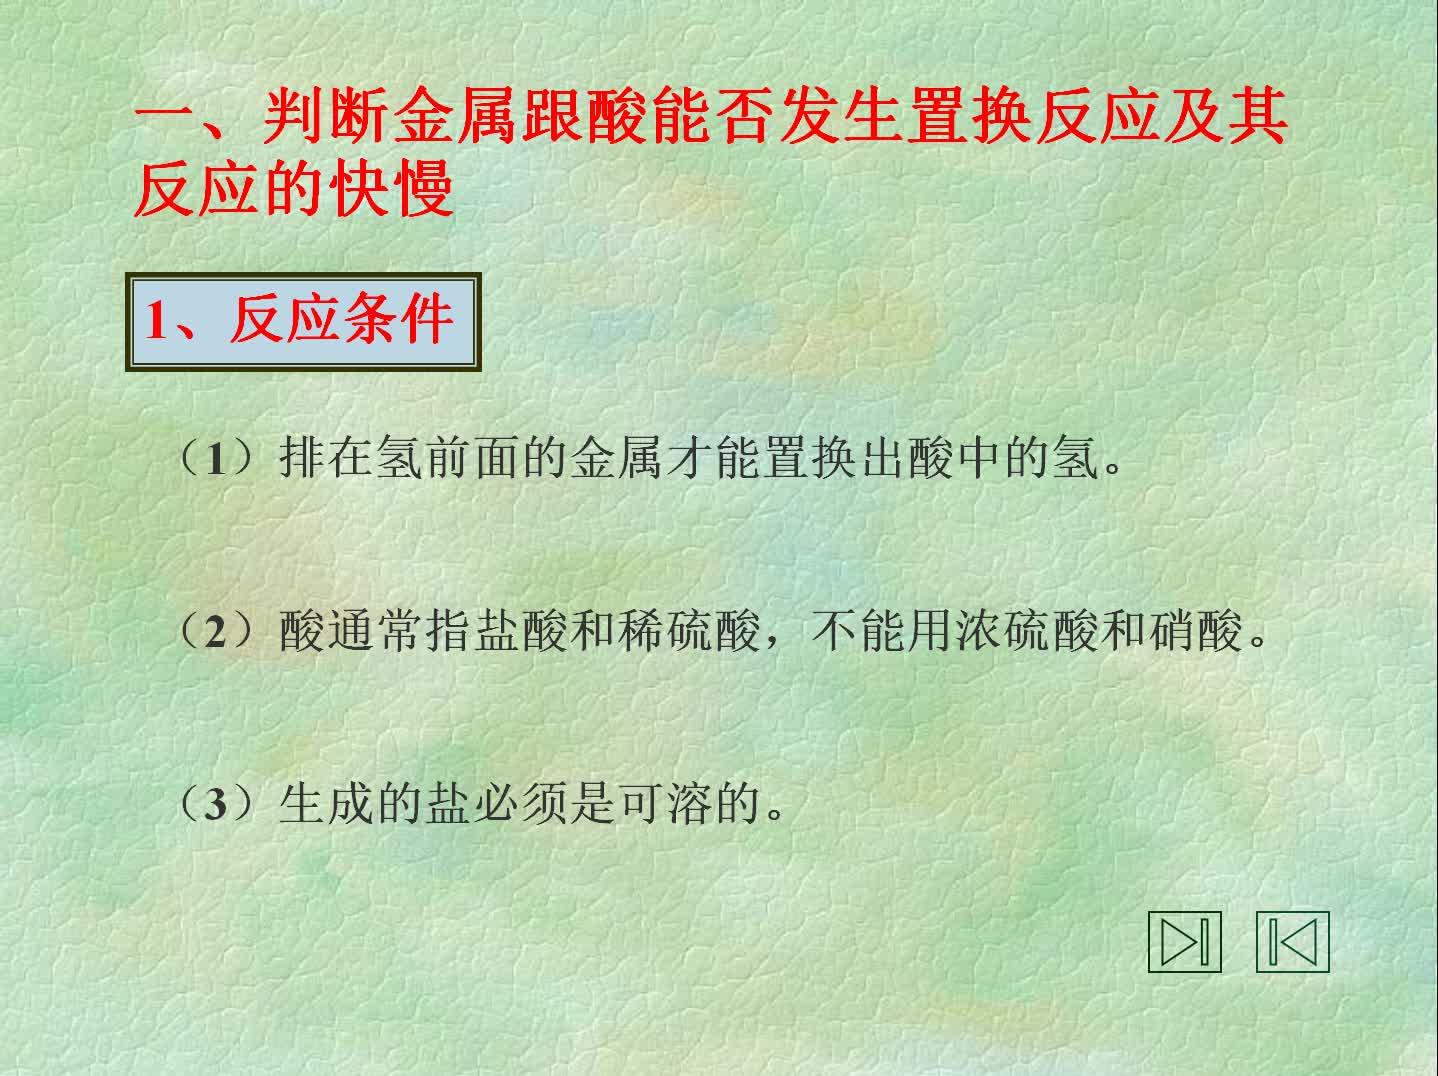 人教版 九年级化学下册 第八单元 课题2 金属的化学性质--金属活动性顺序的应用